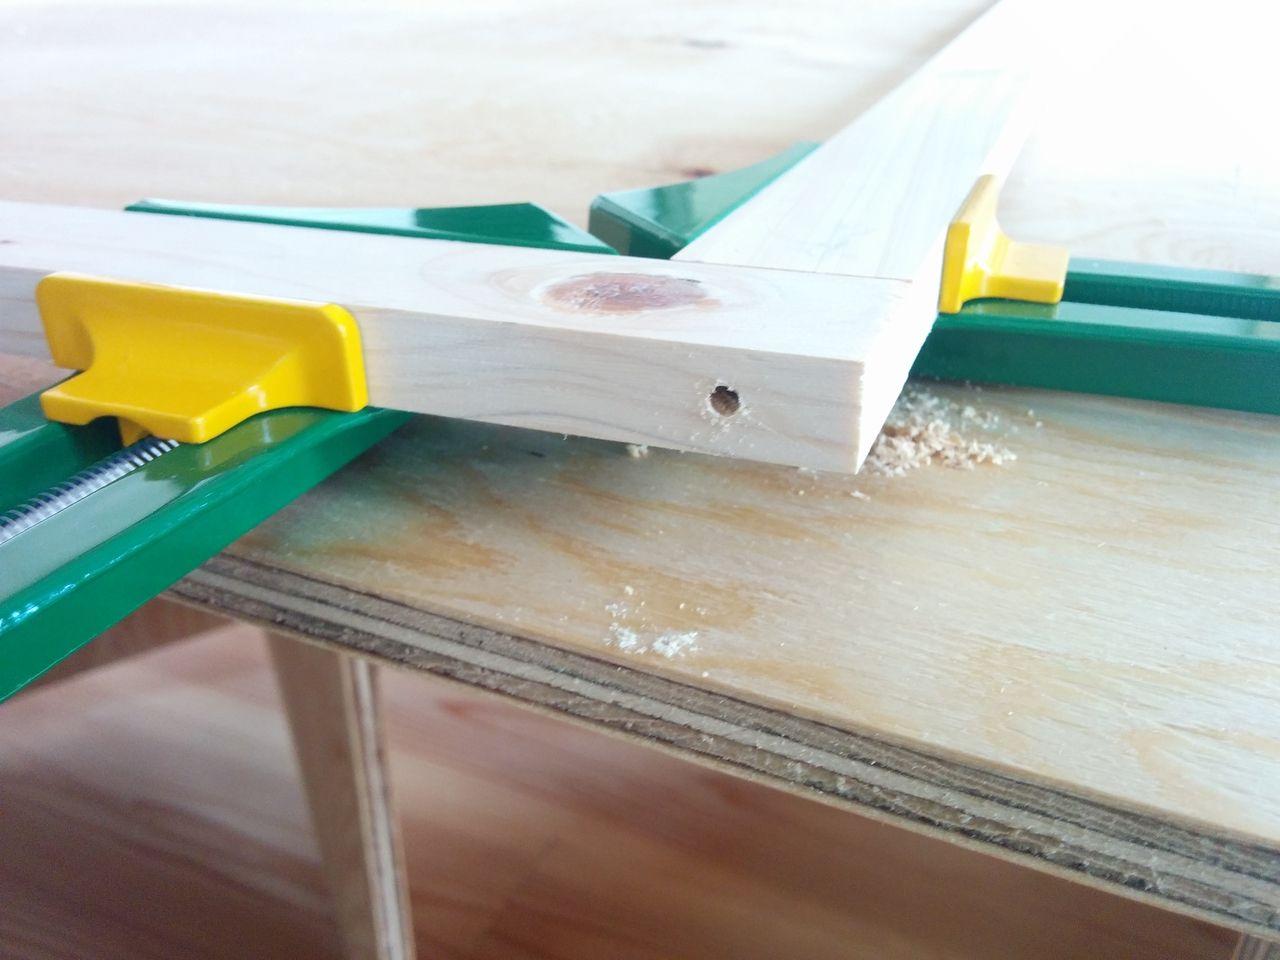 ビスを打ち込む前に下穴をあけてあげます。 ひと手間かかりますが、こうすることでビスを打ち込む際に木材が割れにくくなります。 ちなみに下穴の大きさは使うビスの径より少し細いぐらいで、下穴の深さはビスの長さと同じか少し短いぐらいが目安です。